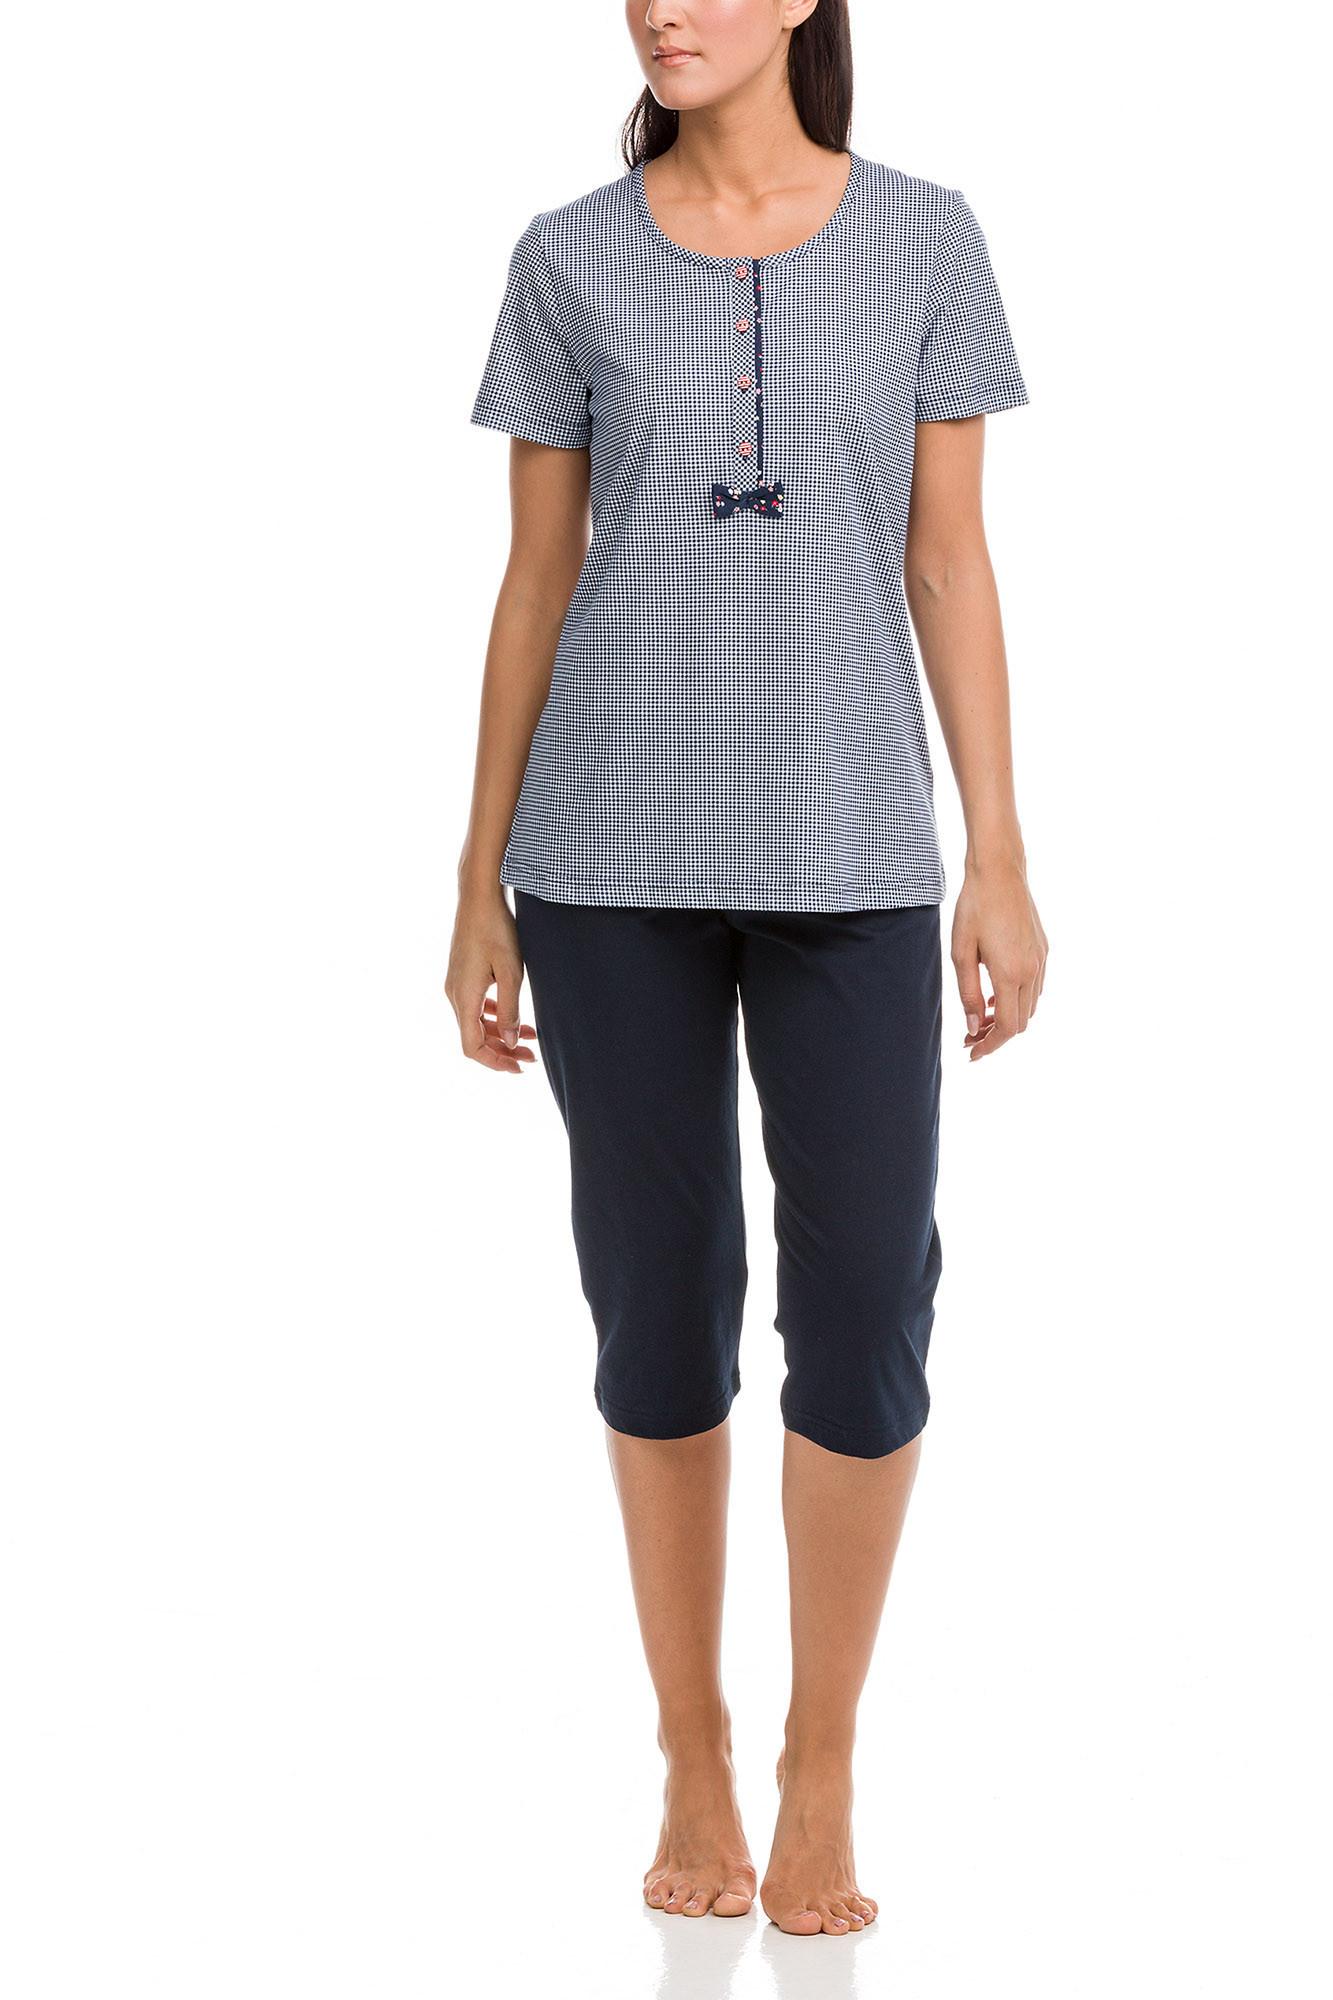 Vamp - Dámske pyžamo 12410 - Vamp blue s